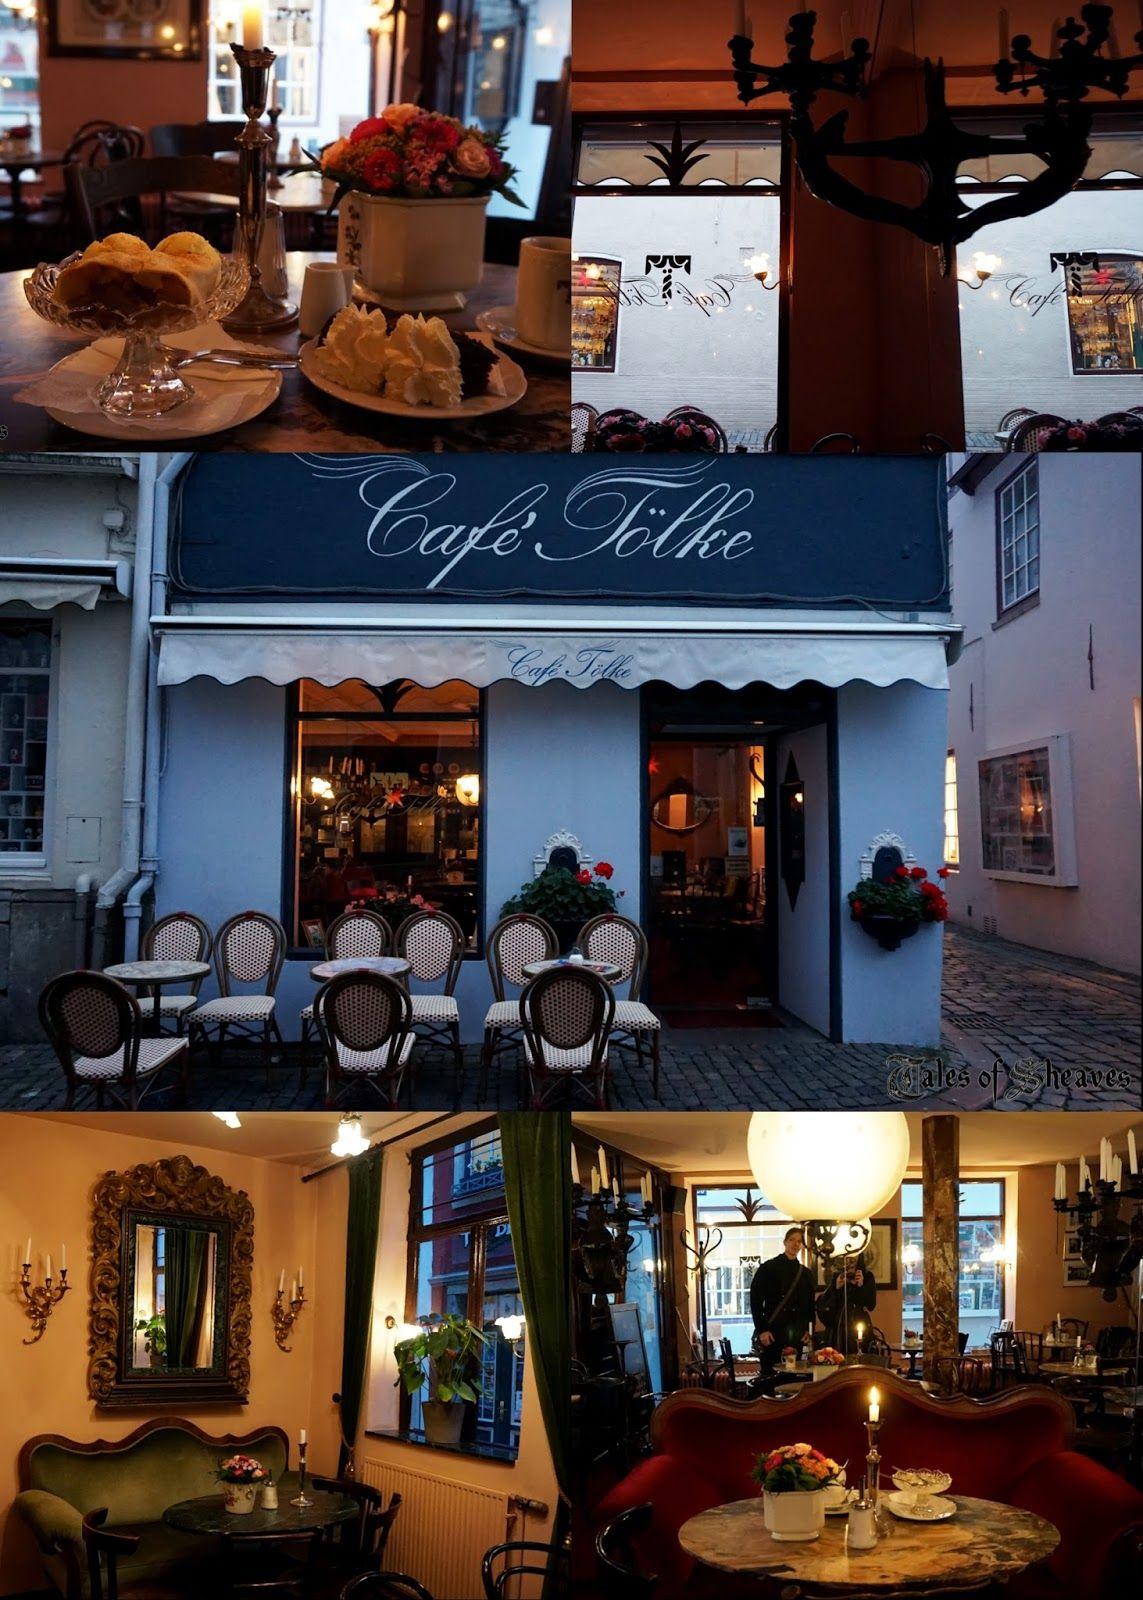 My Cafe Stadt GrГјnden